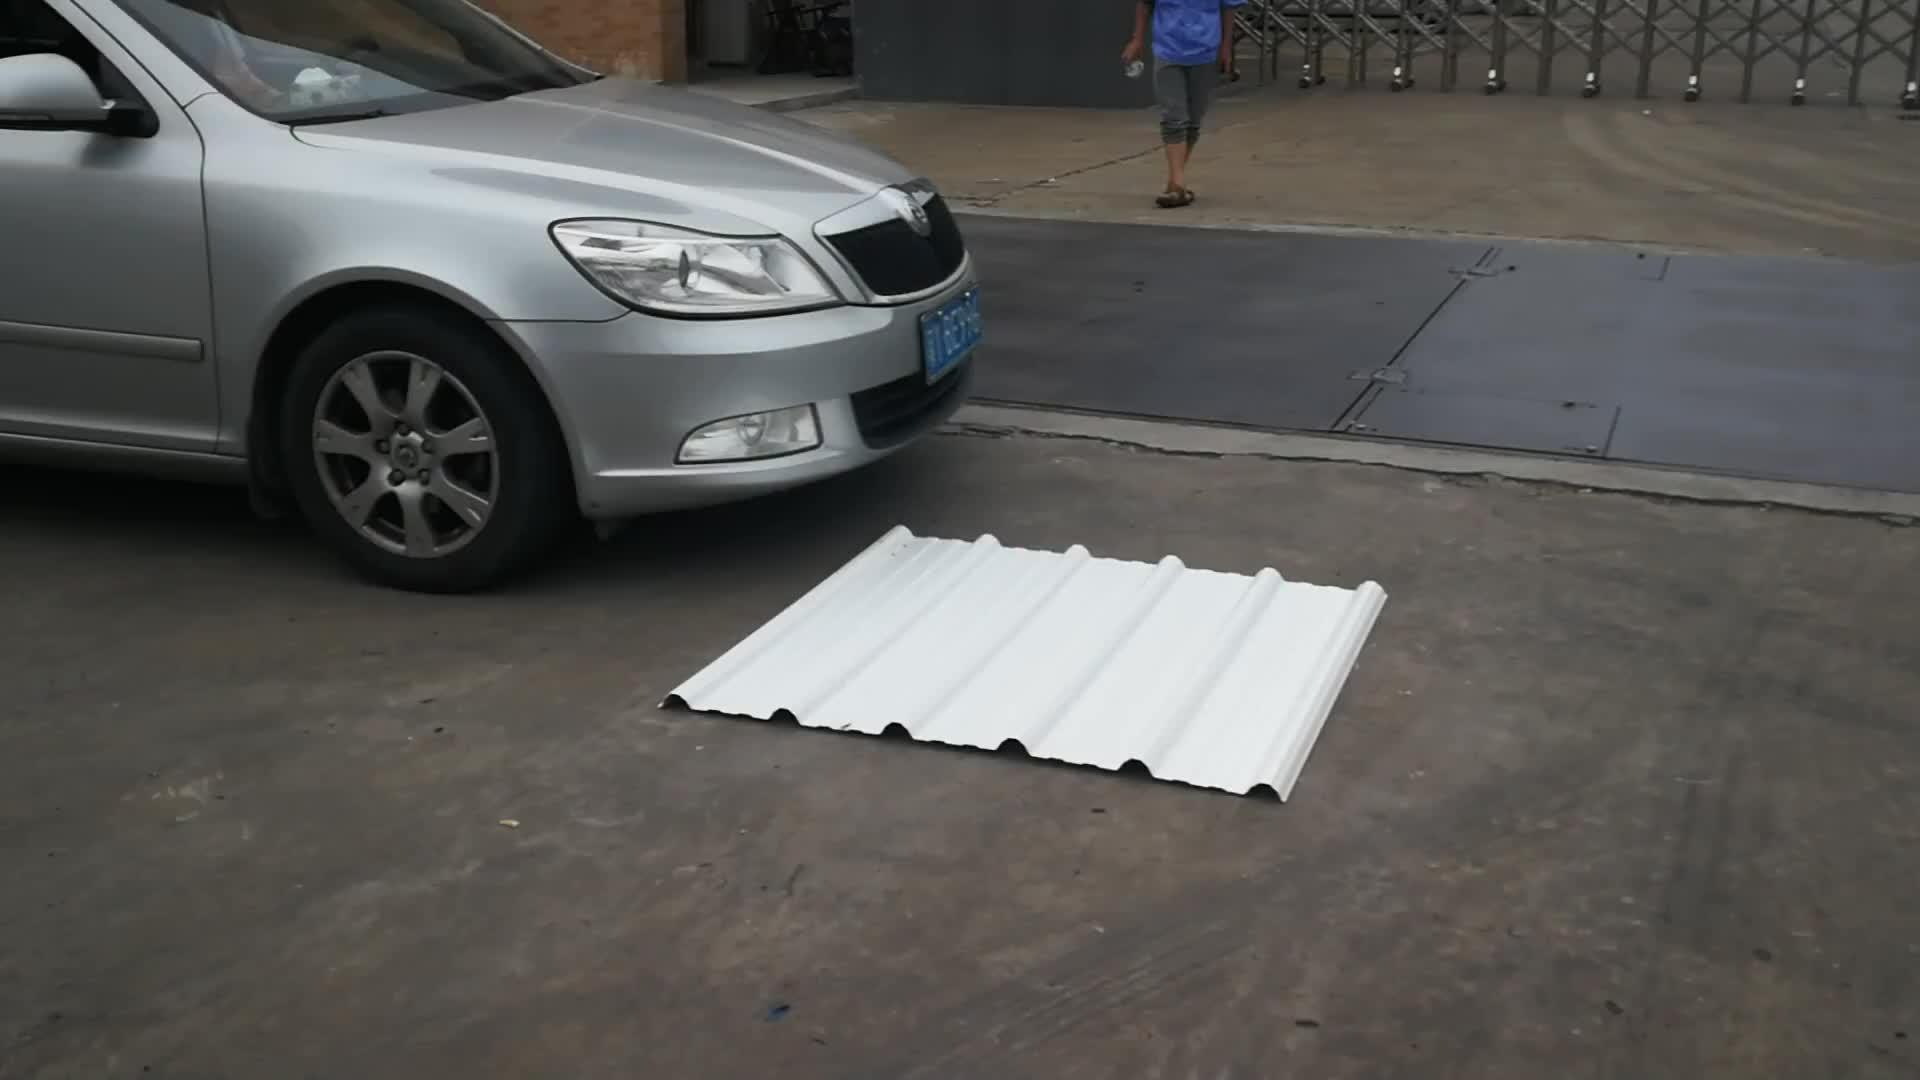 Asa tráng upvc lợp gạch sóng nhựa cách điện pvc trọng lượng nhẹ pvc mái nhựa